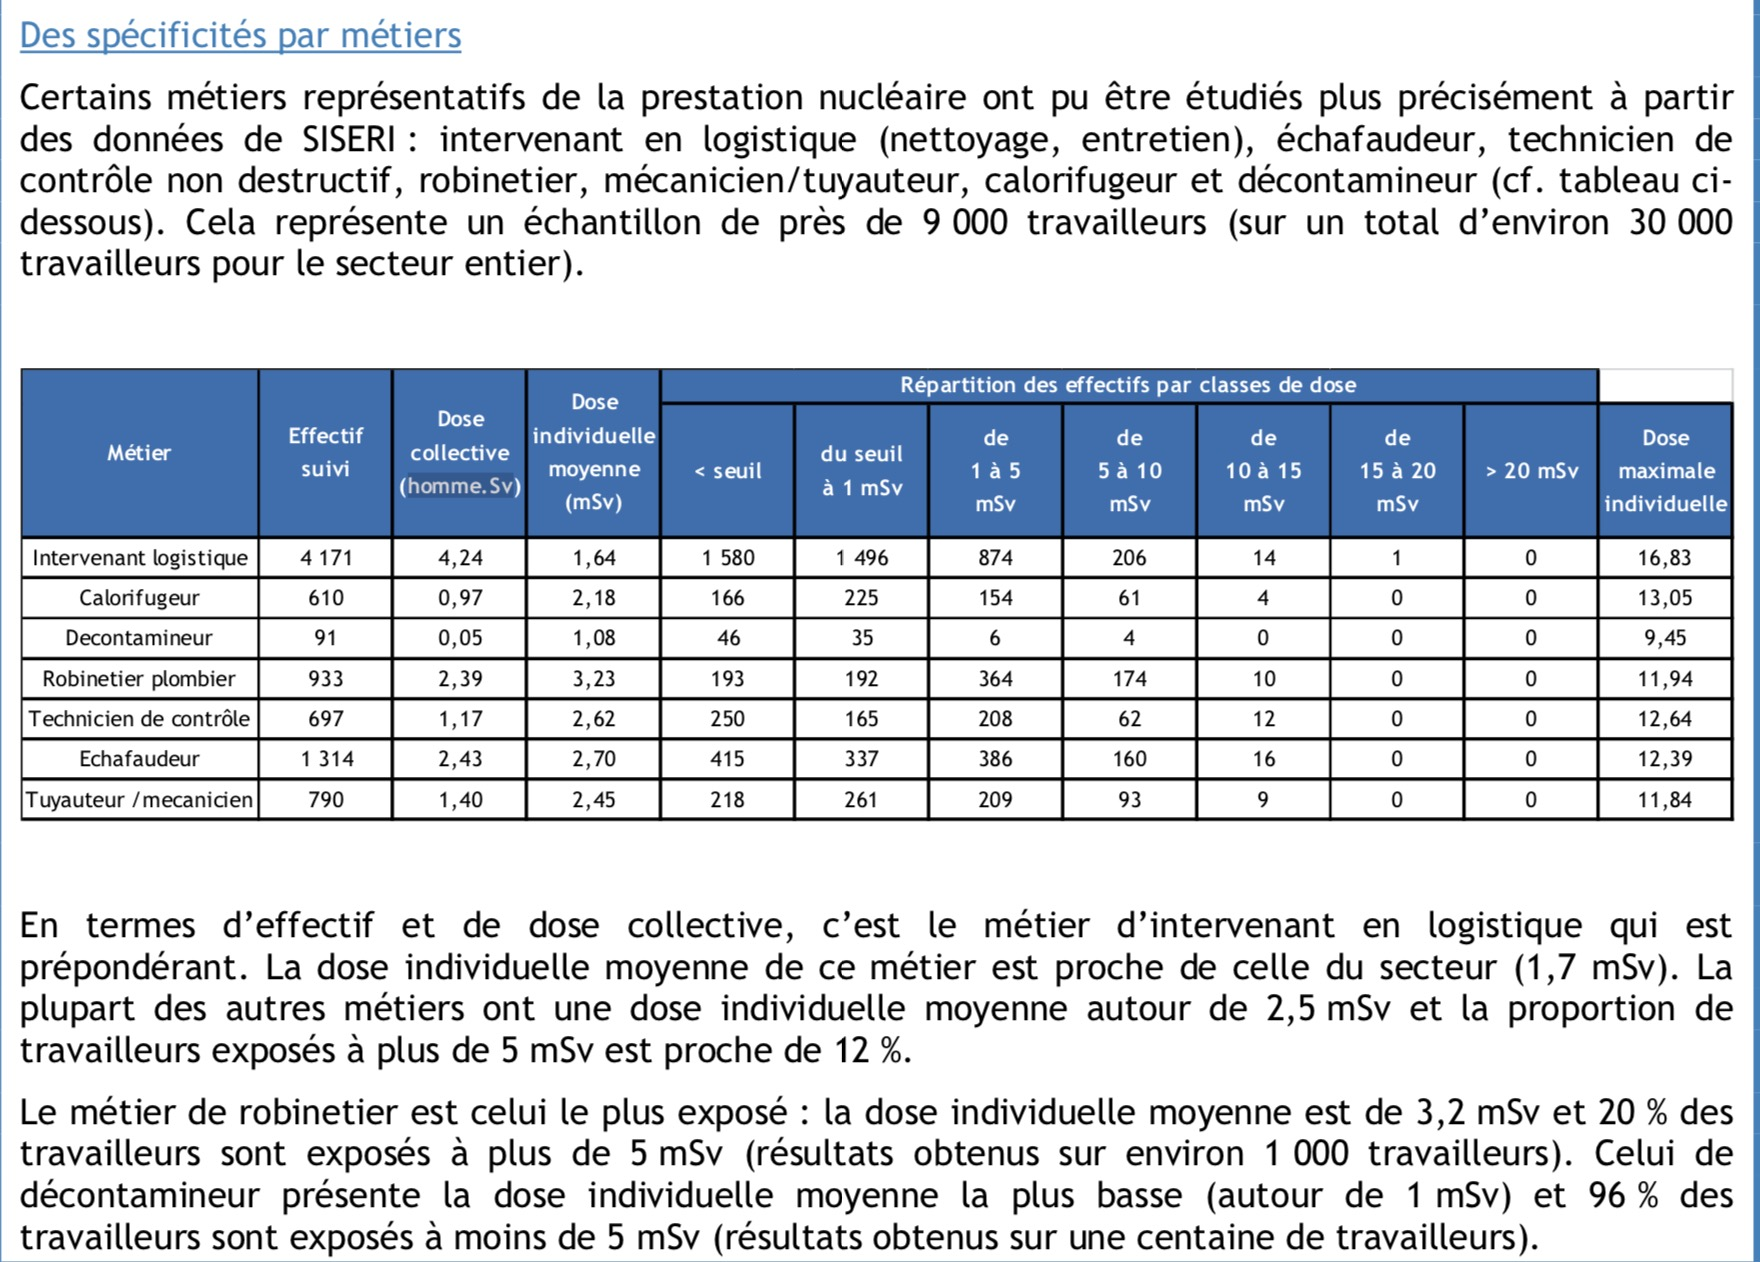 Nucléaire en France, des news ... - Page 4 Captur36